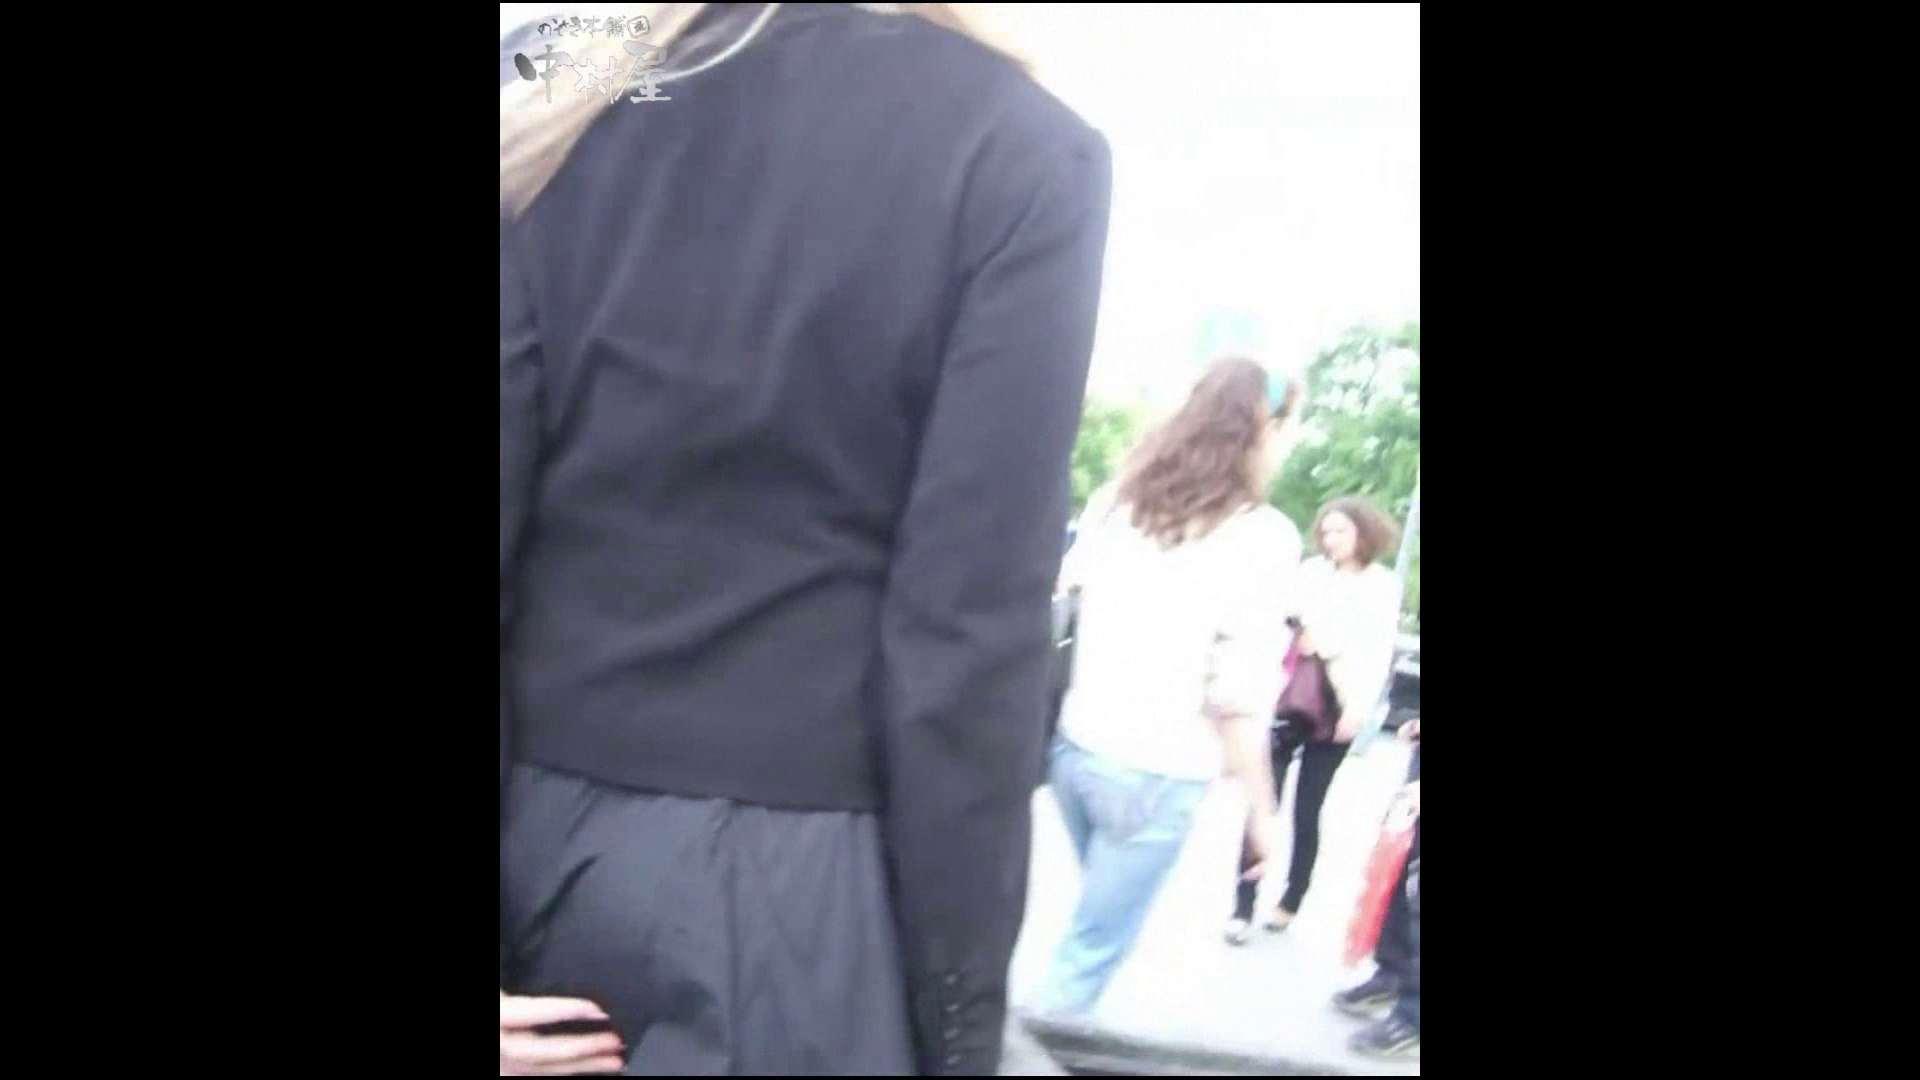 綺麗なモデルさんのスカート捲っちゃおう‼ vol12 モデルヌード   Hなお姉さん  93pic 22